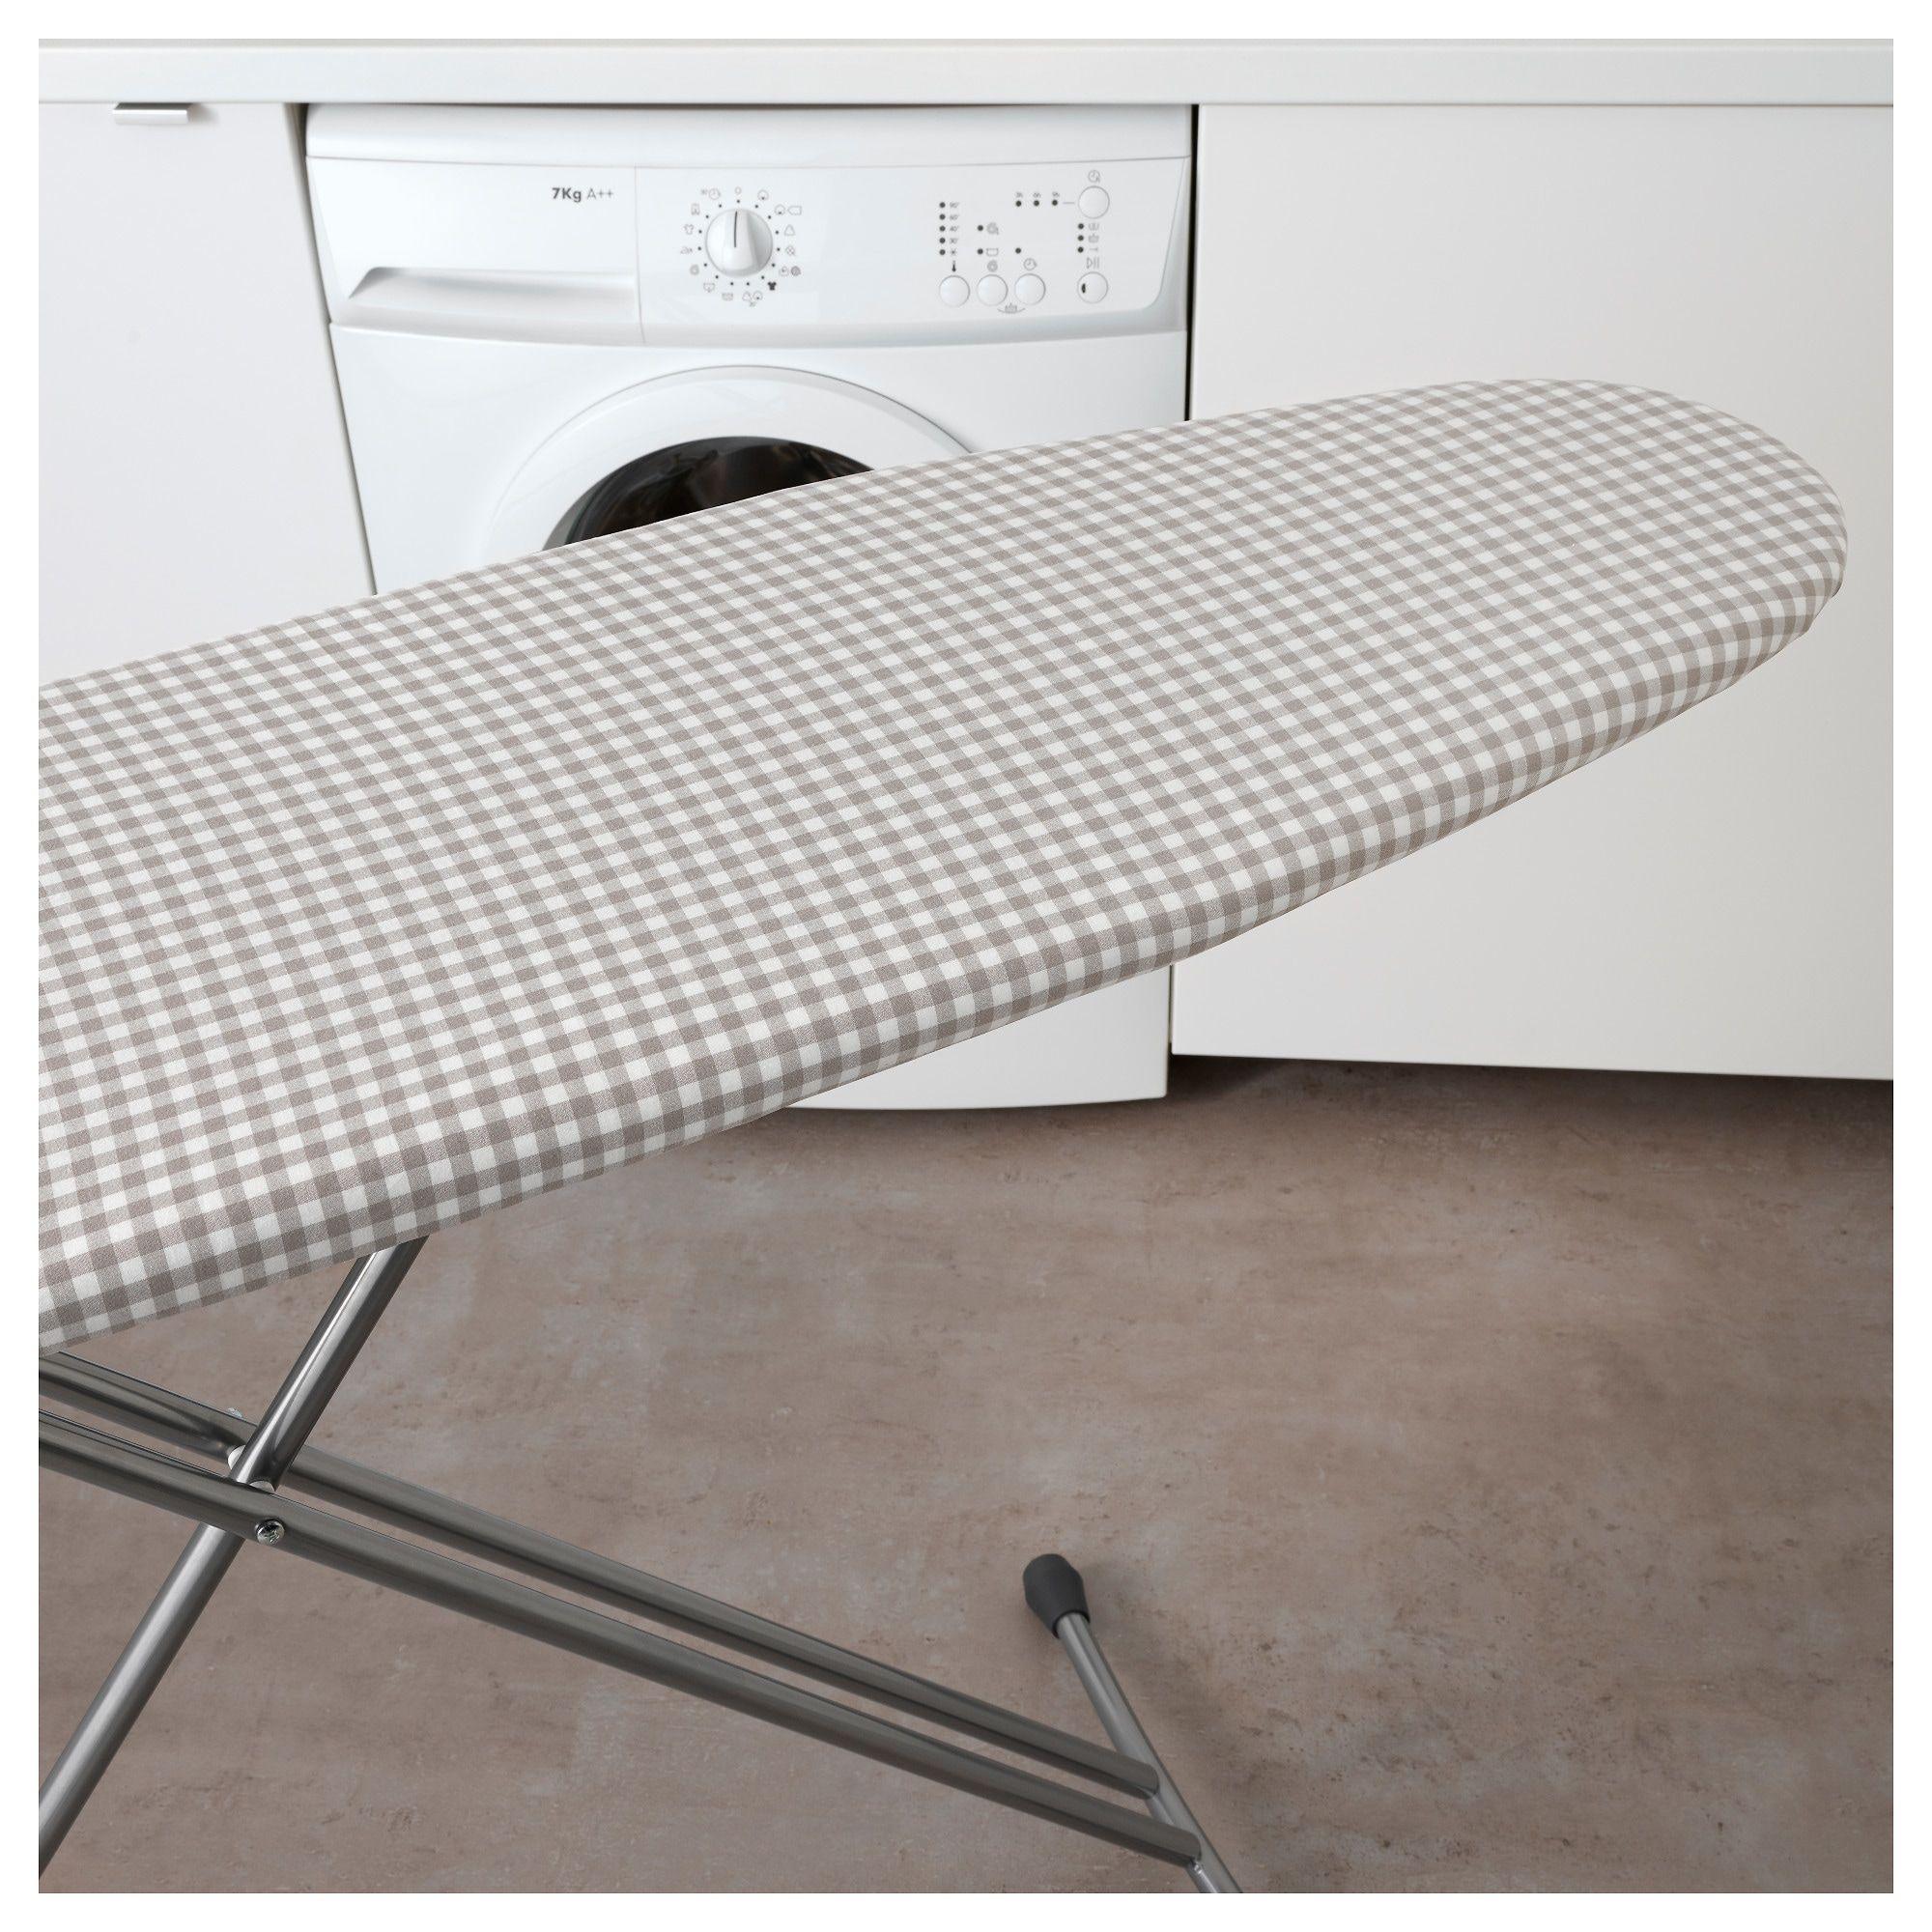 Bügelbrett Tischauflage.Lagt Bügelbrettbezug Grau Products In 2019 Bügelbrett